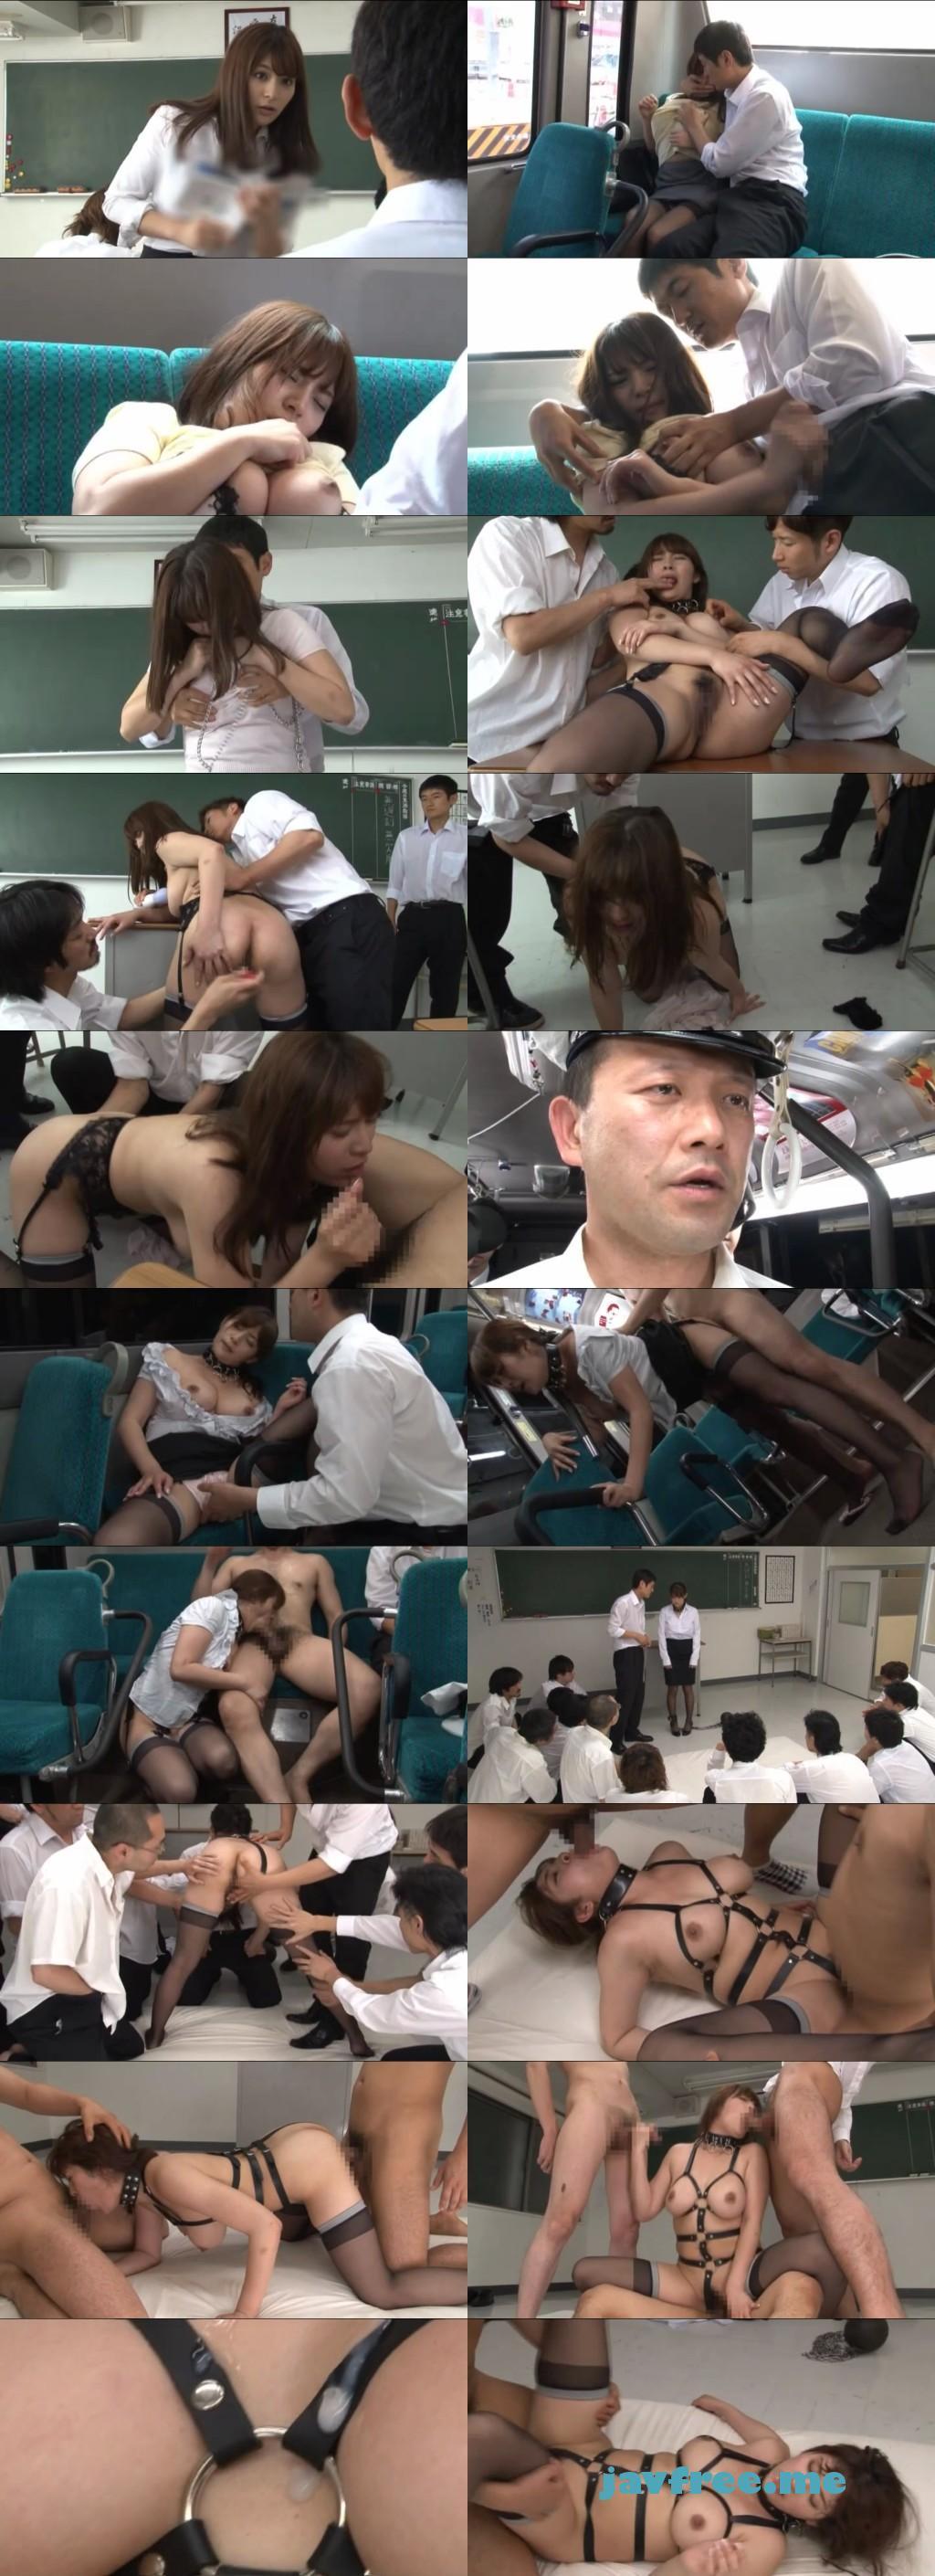 [SACE 092] 痴漢され肉奴隷に堕ちた女教師 めぐり 藤浦めぐ めぐり SACE